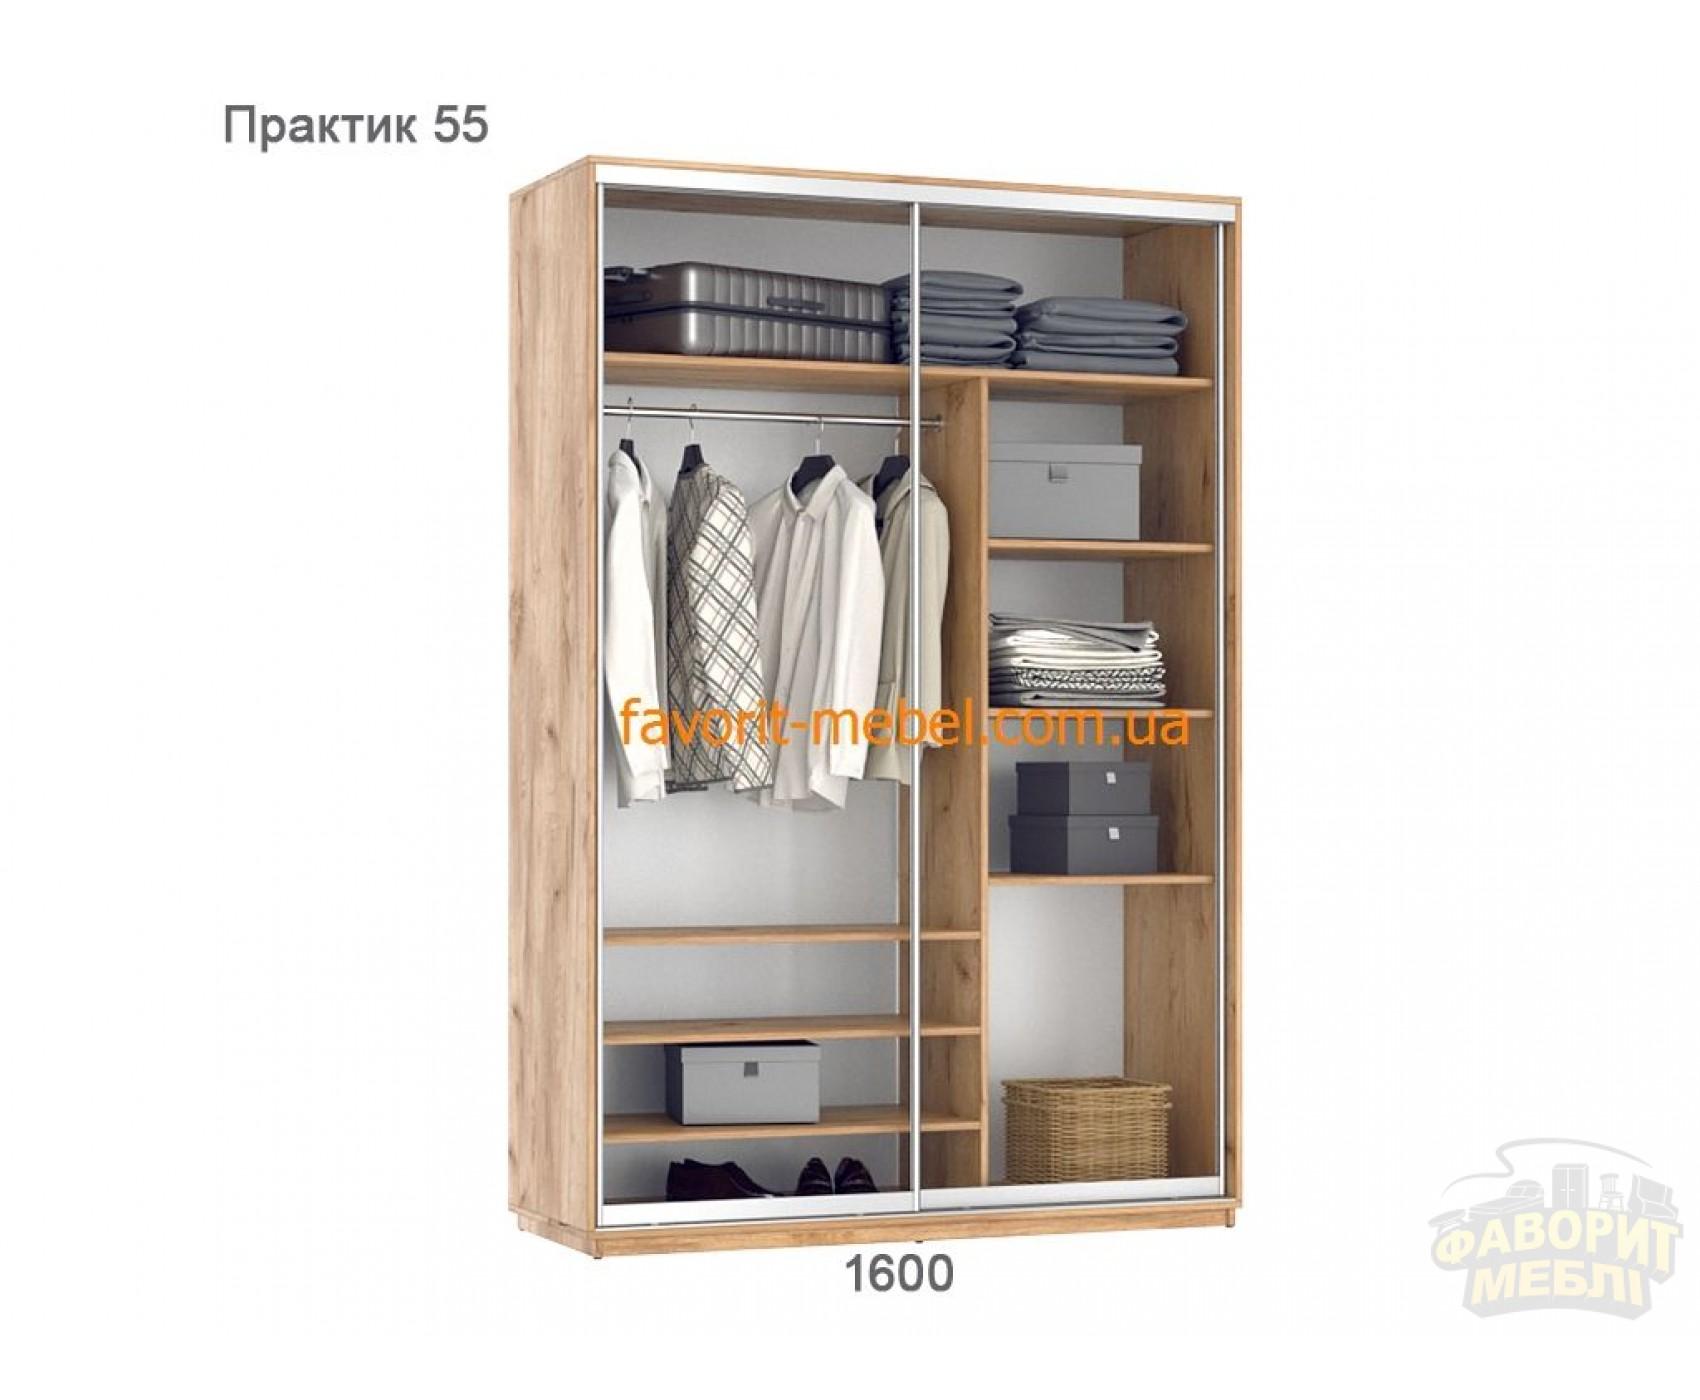 Шкаф купе Практик 55 (160х60х240 см)